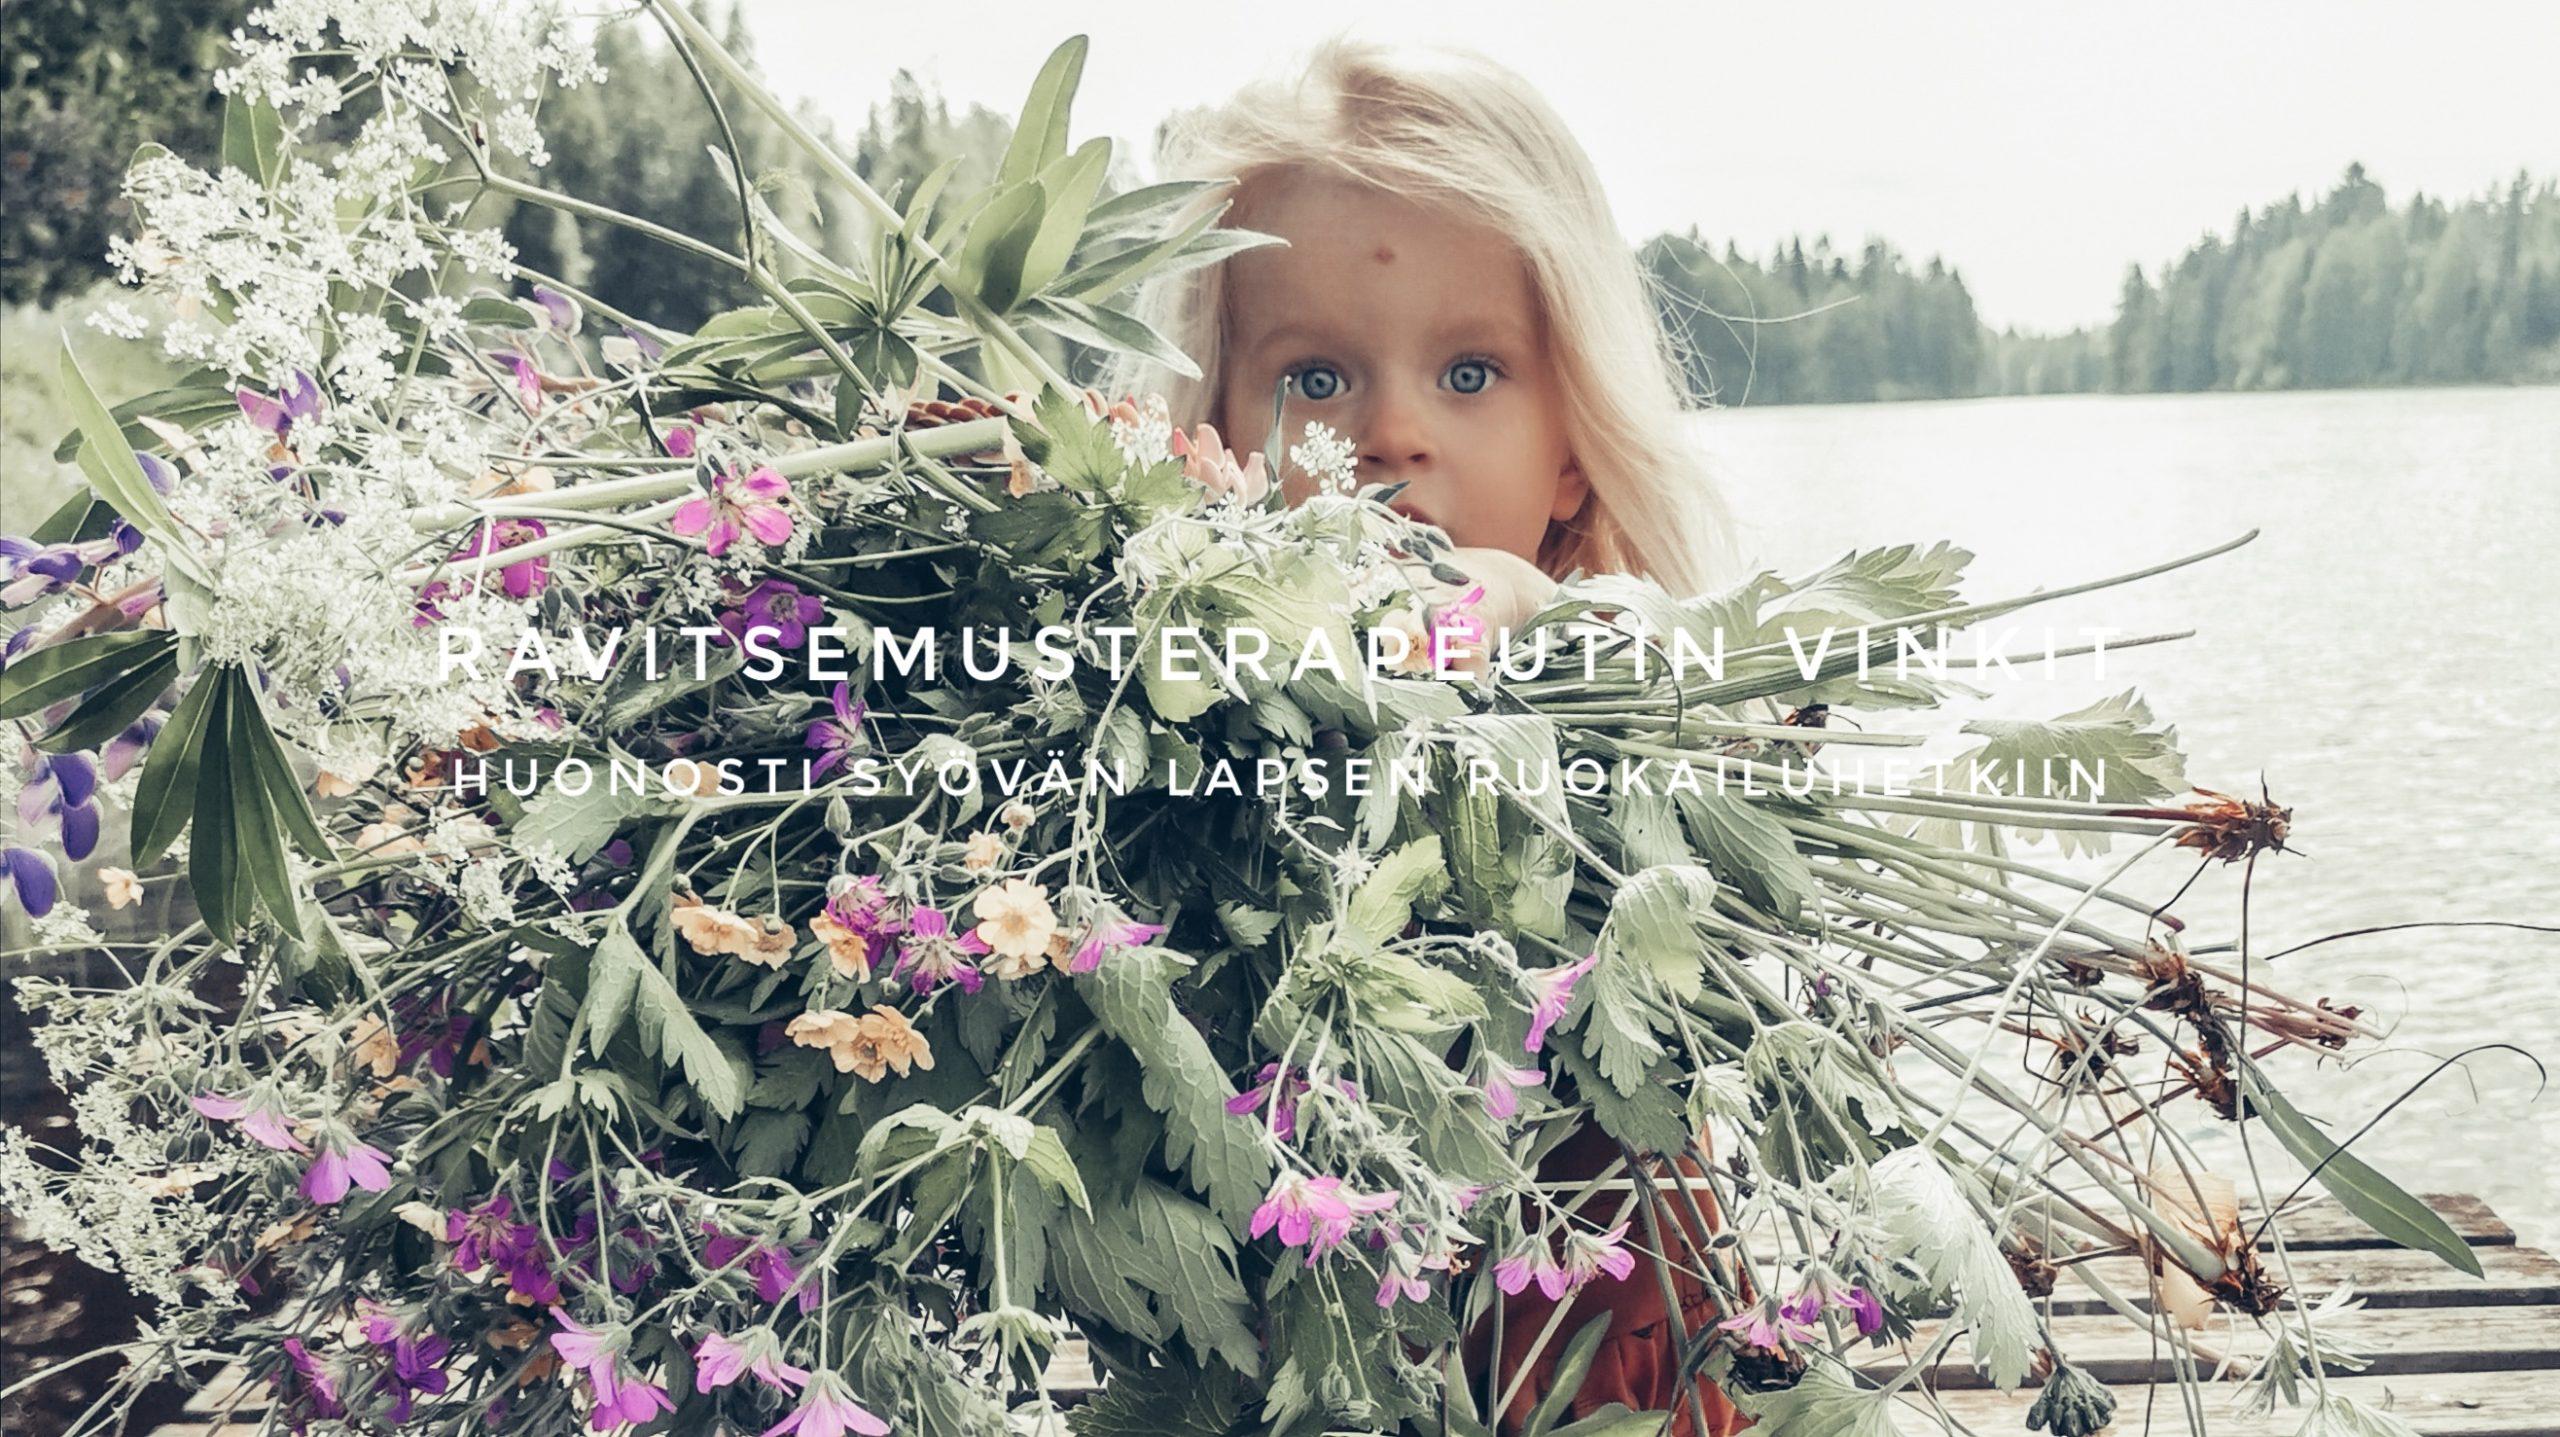 ravitsemusterapeutin vinkit lapselle